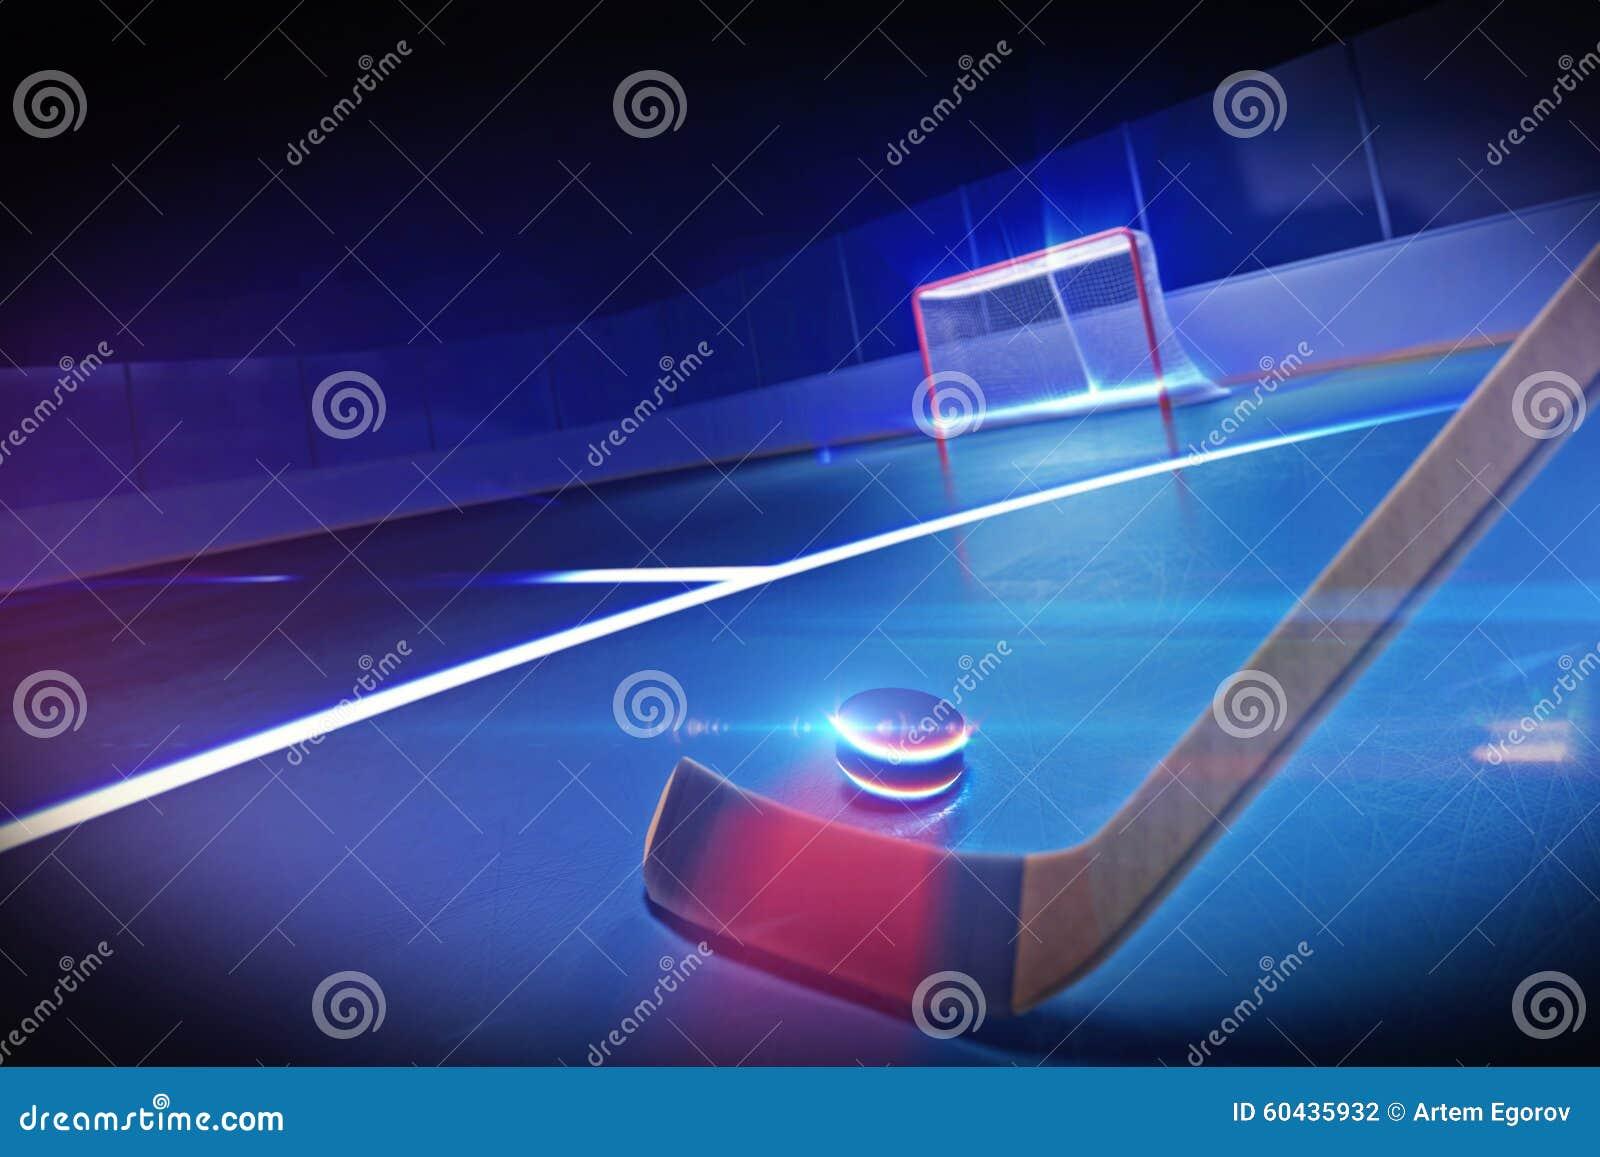 Хоккейная клюшка и шайба на катке